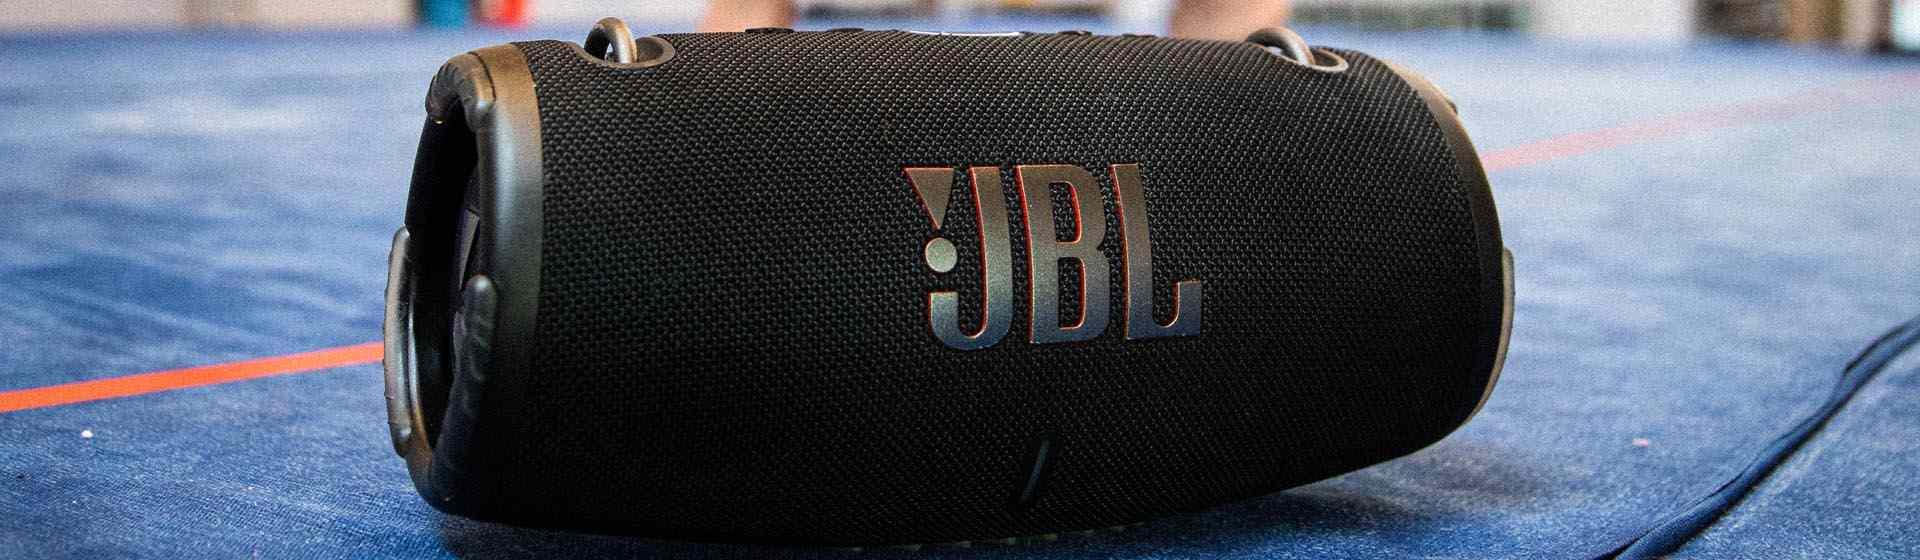 JBL Xtreme 3 é boa? Veja as especificações da caixa de som